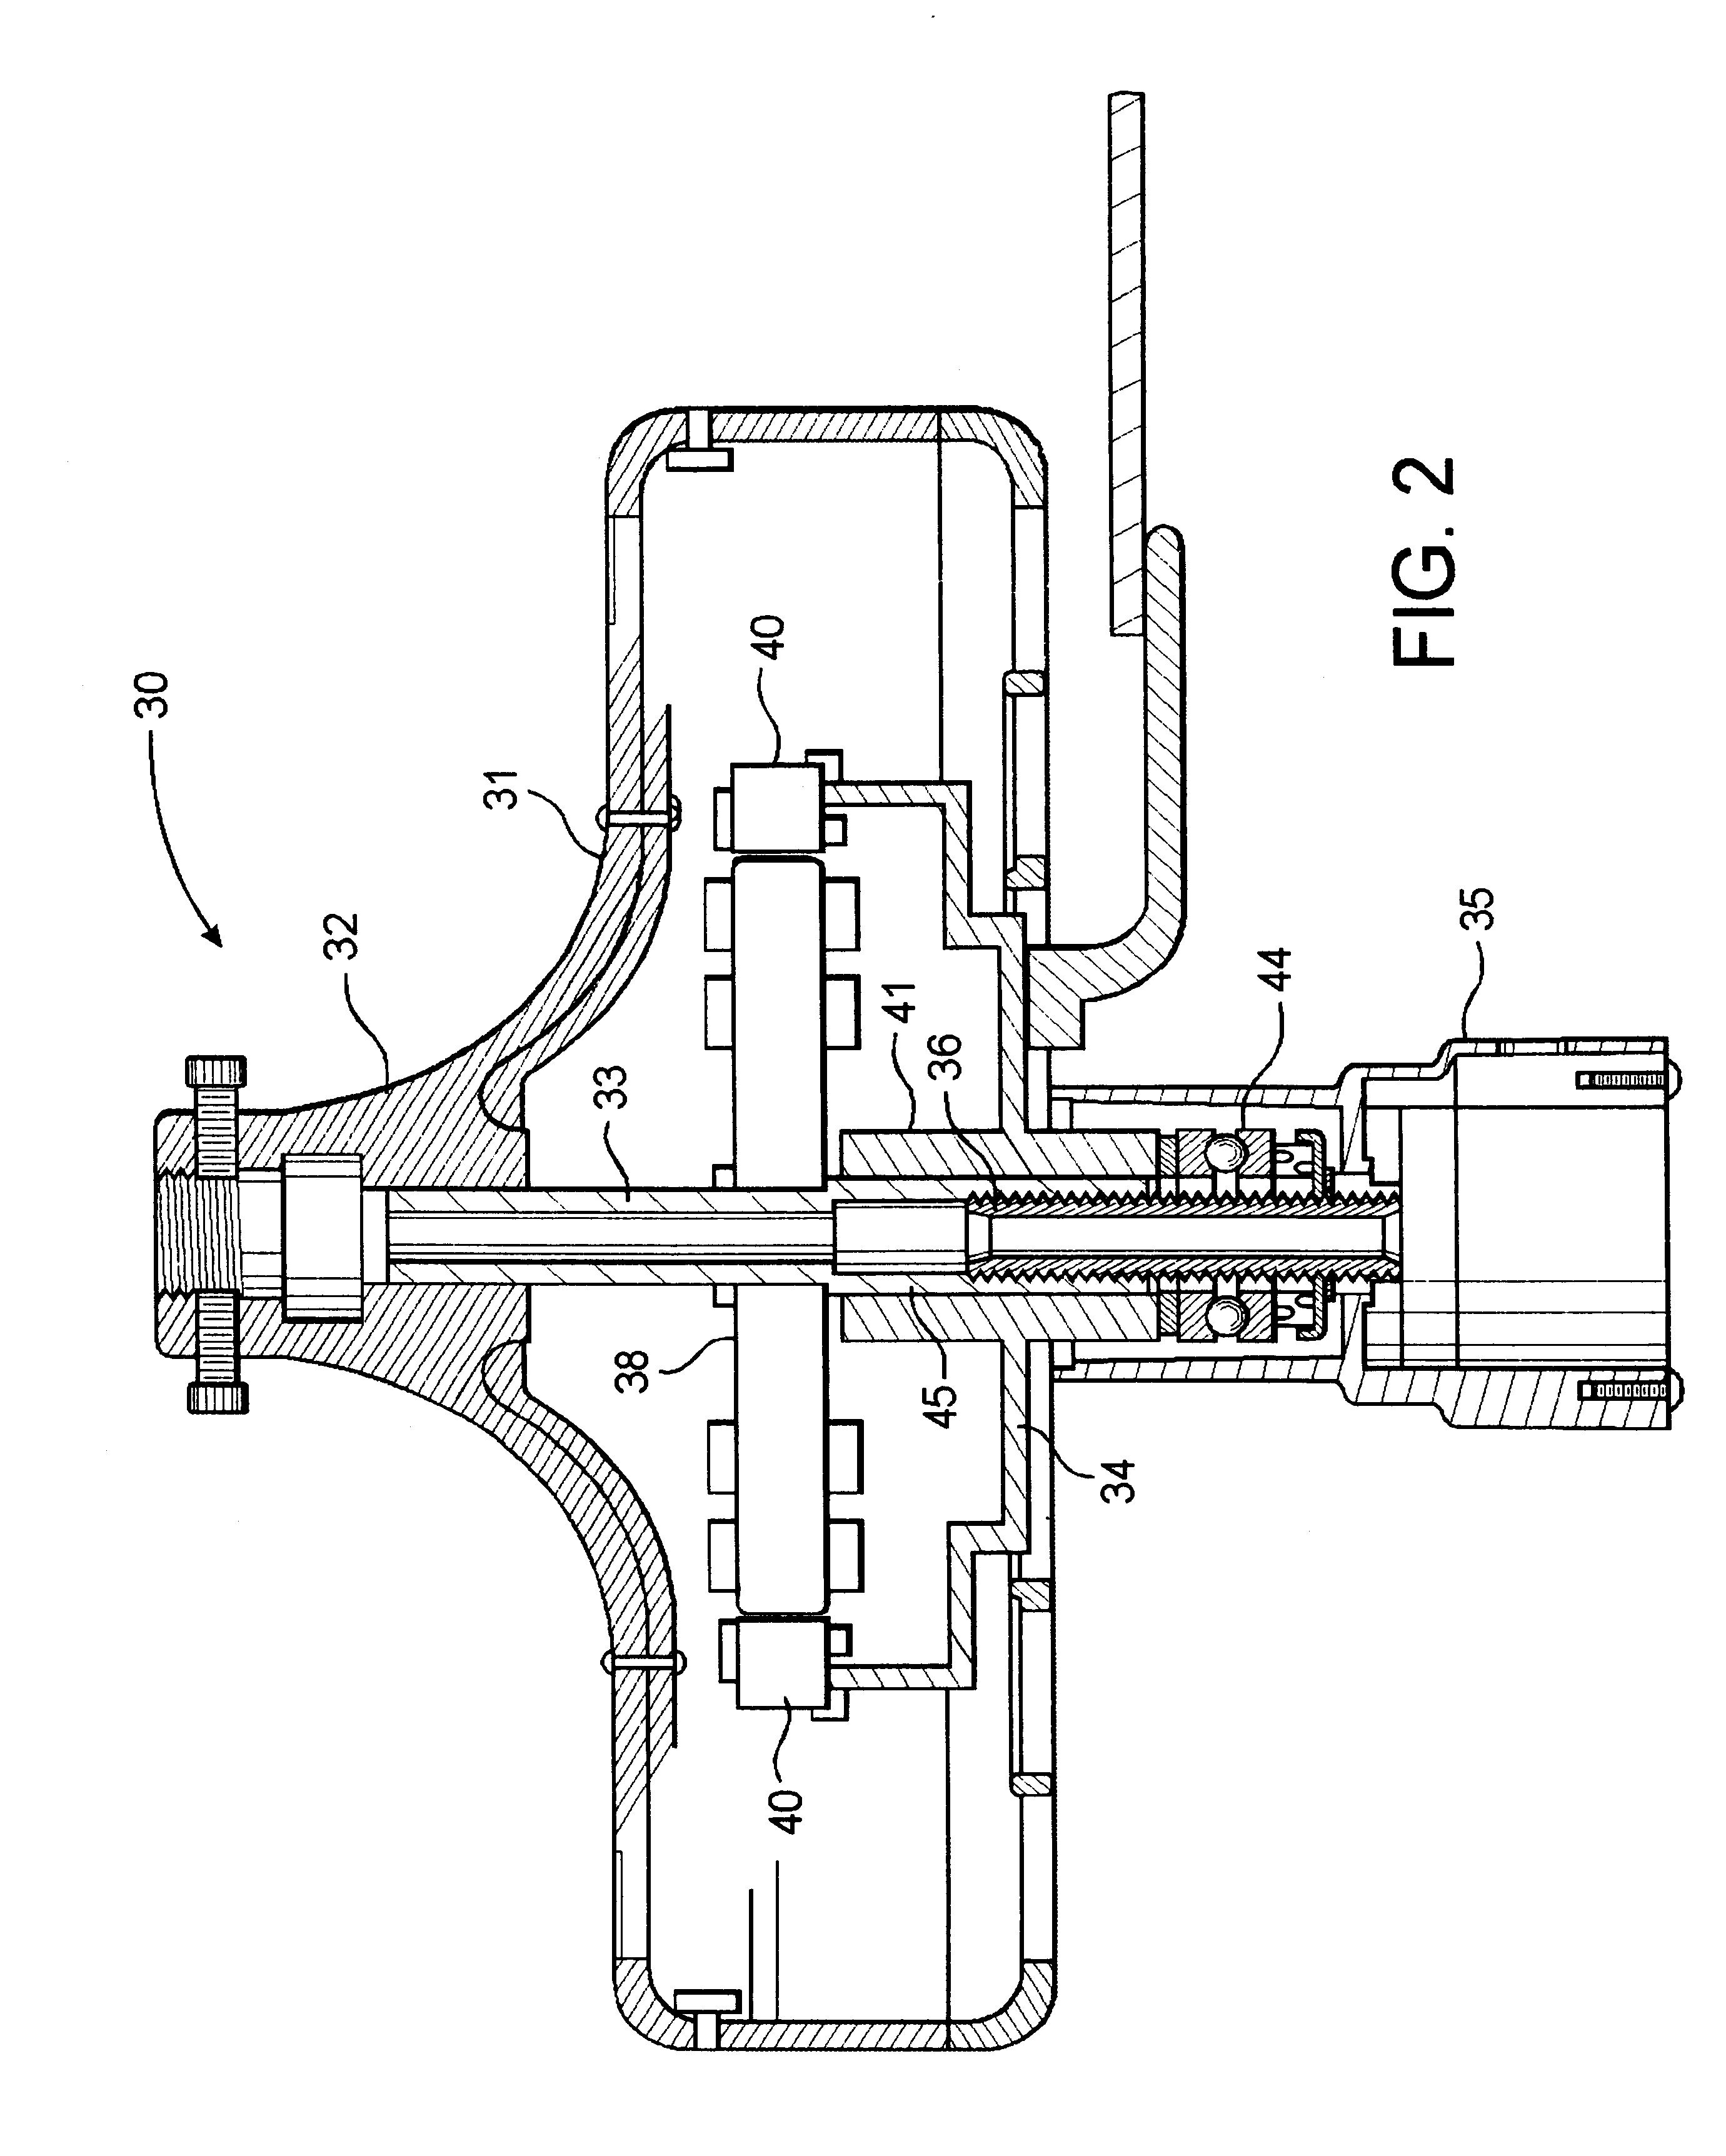 patent us6638019 - ceiling fan